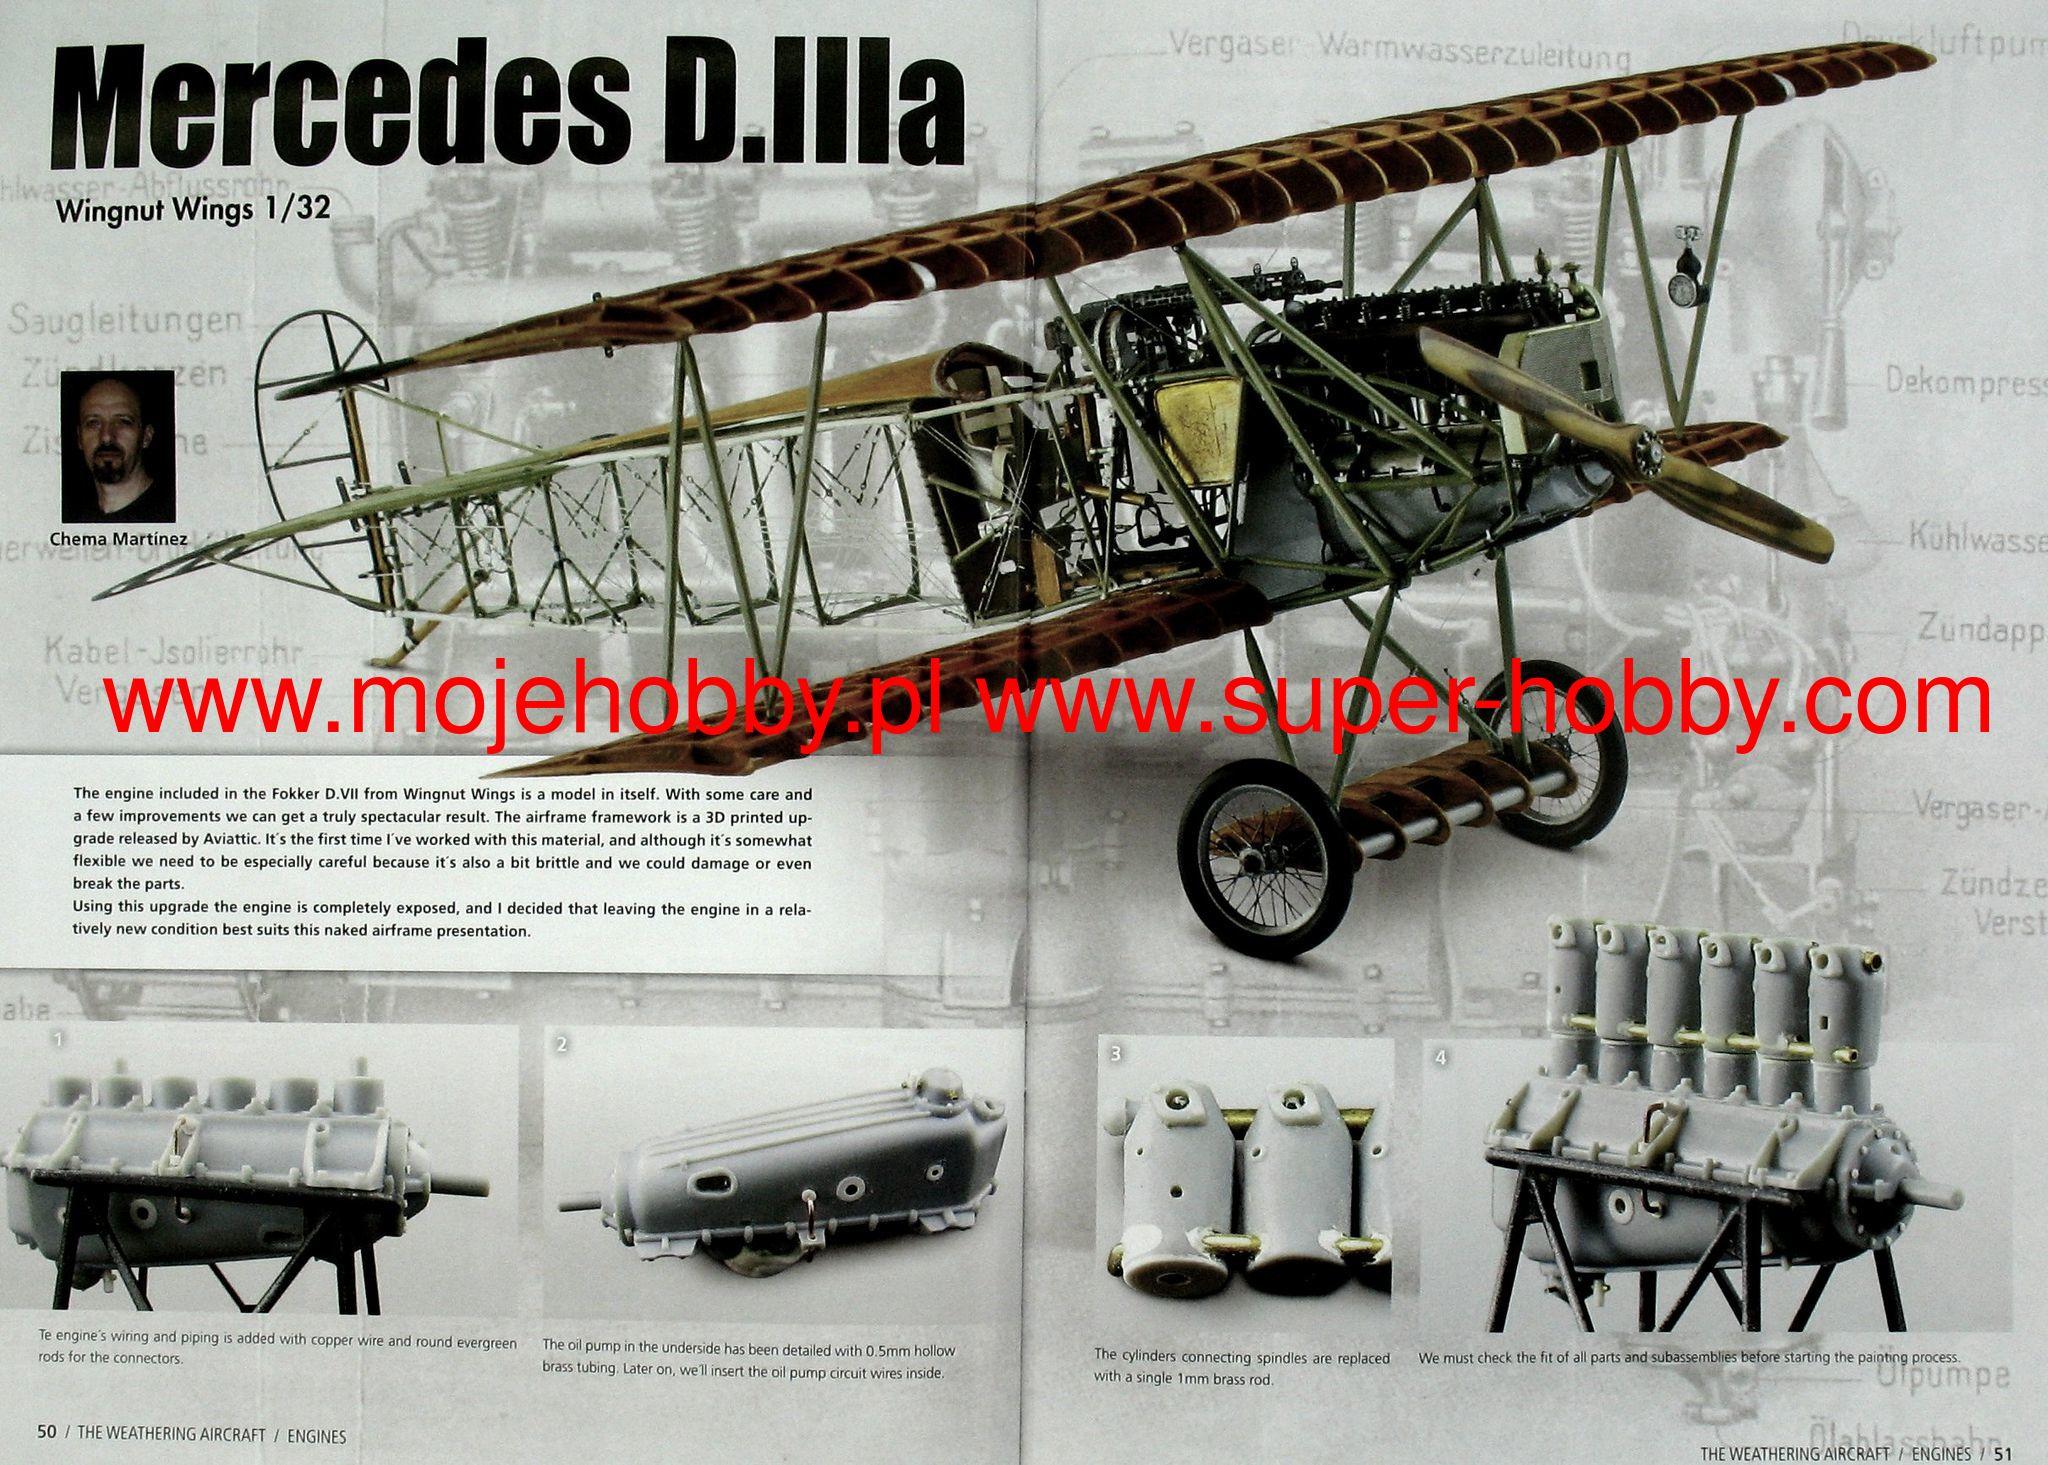 The Weathering Magazine Aircraft Issue 3 Engines AMMO of Mig Jimenez ...